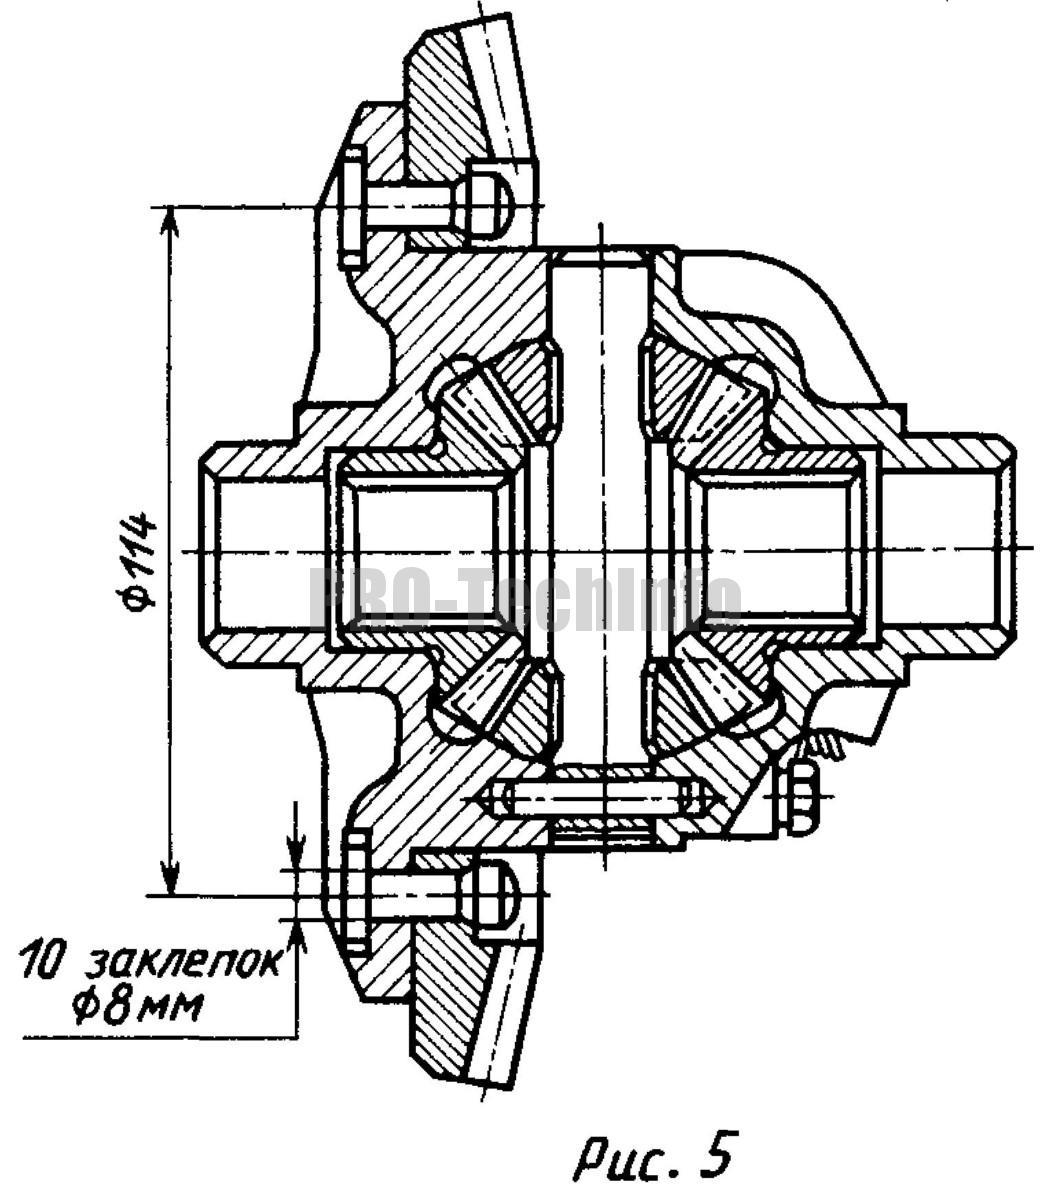 соединение заклепки ведомого конического зубчатого колеса главной передачи автомобиля, выполненной из легированной стали, с литым центром дифференциала